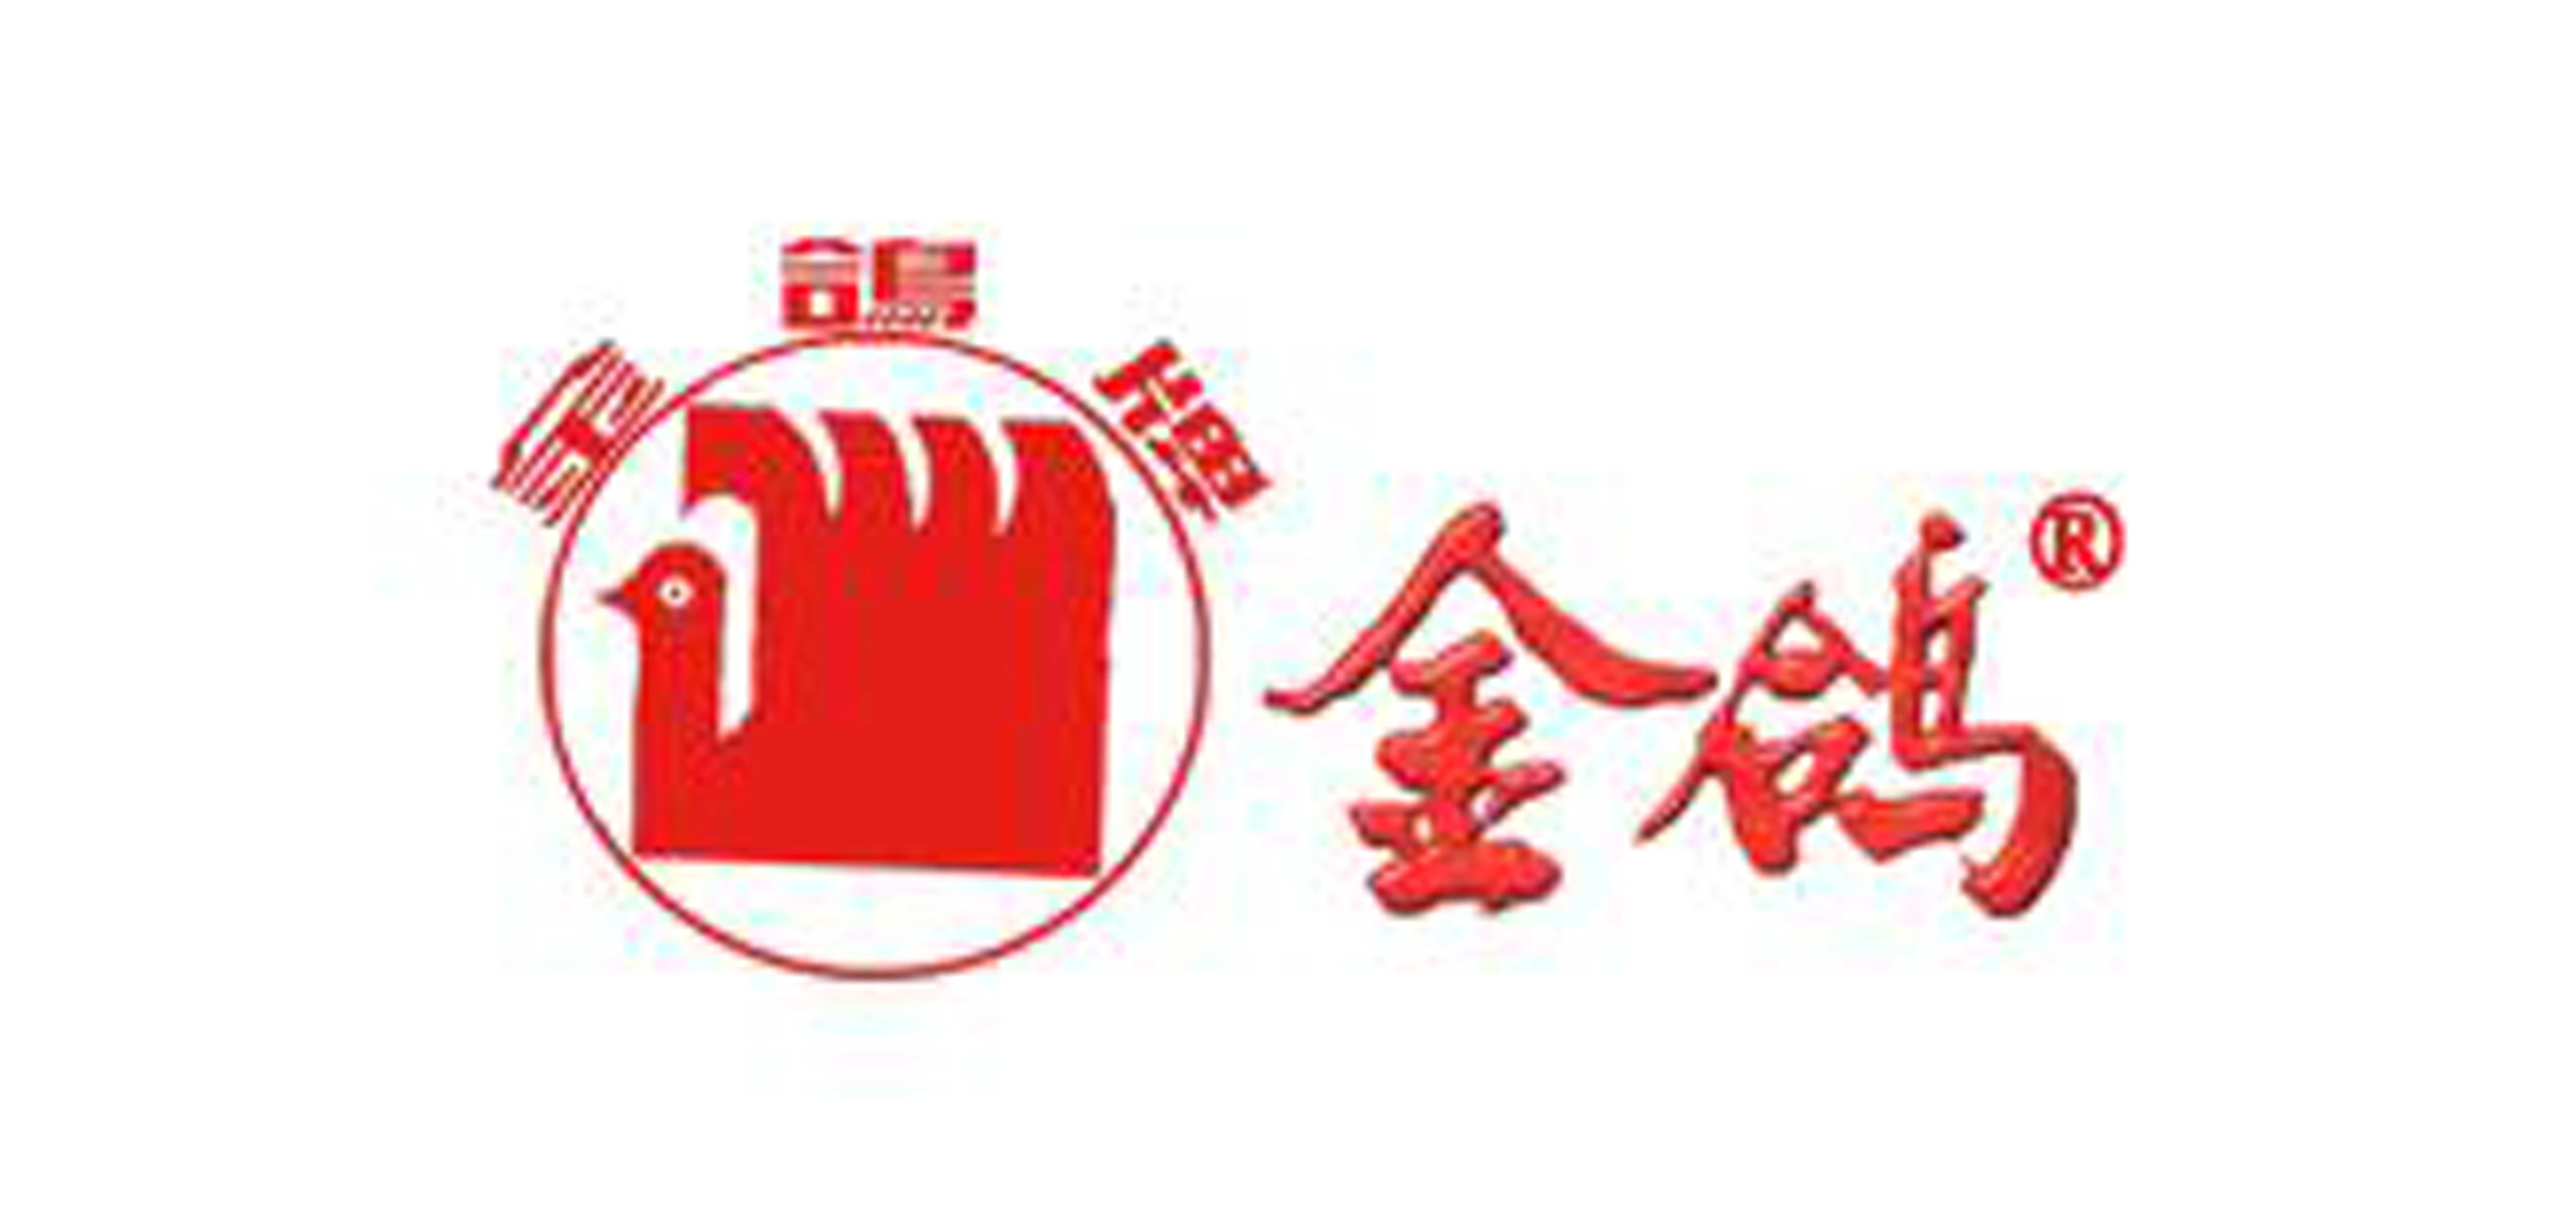 白瓜子十大品牌排名NO.2